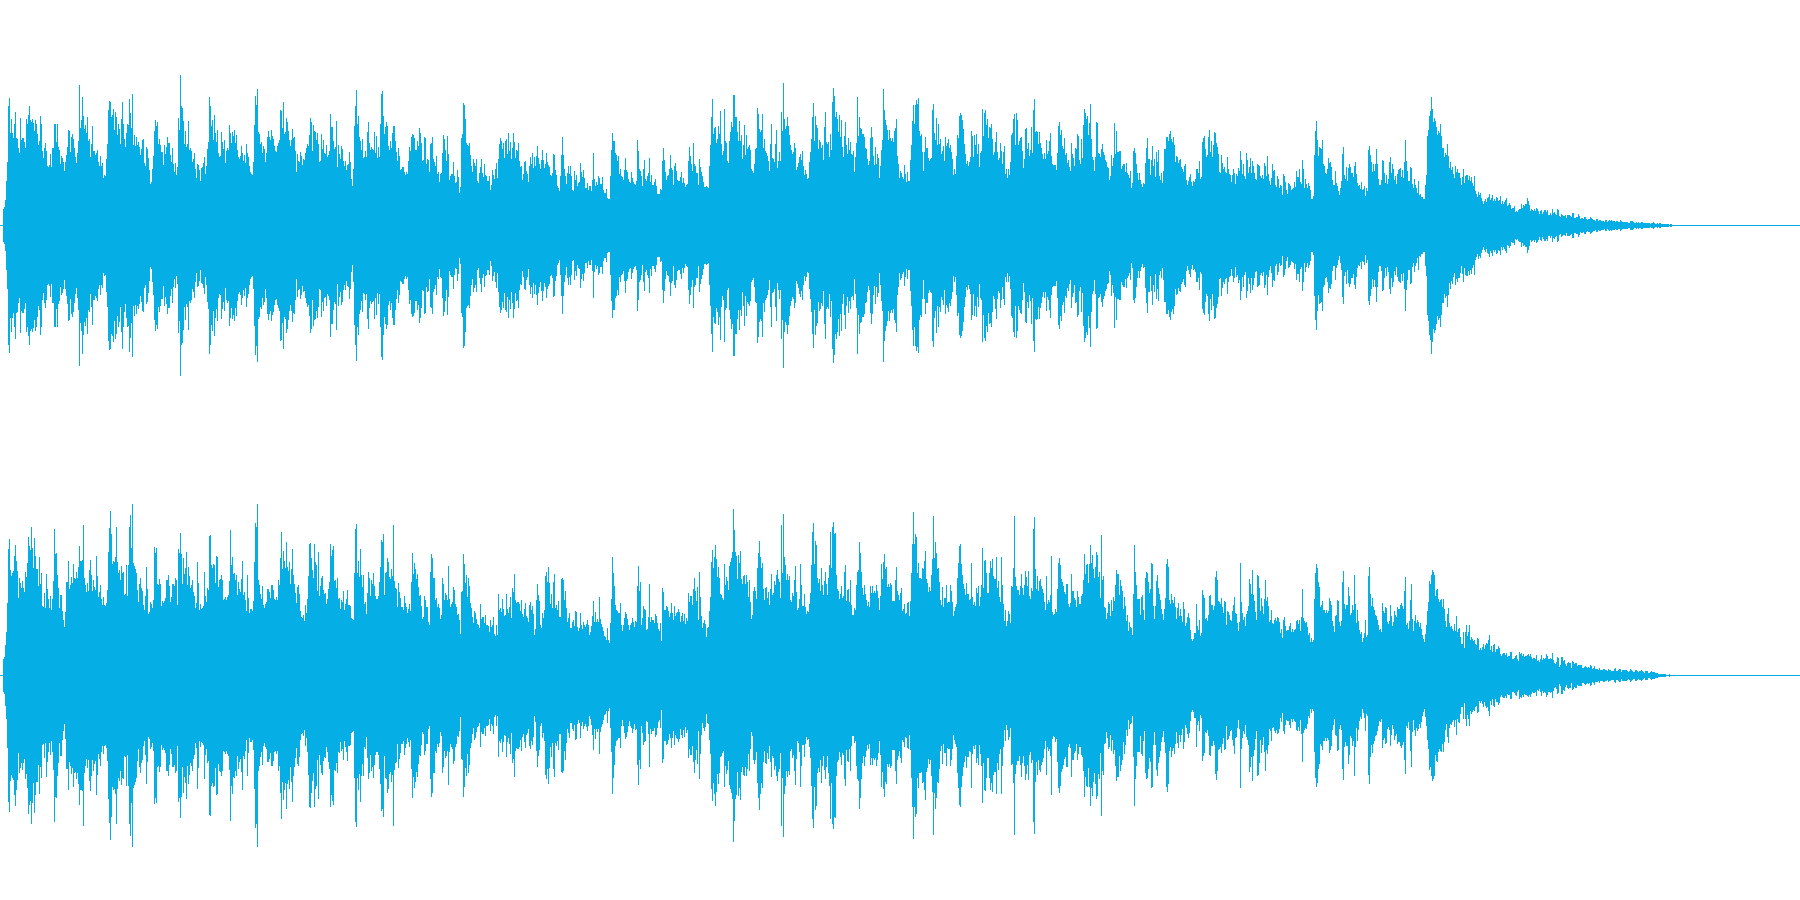 ソフトなポップス(アコースティック感覚)の再生済みの波形